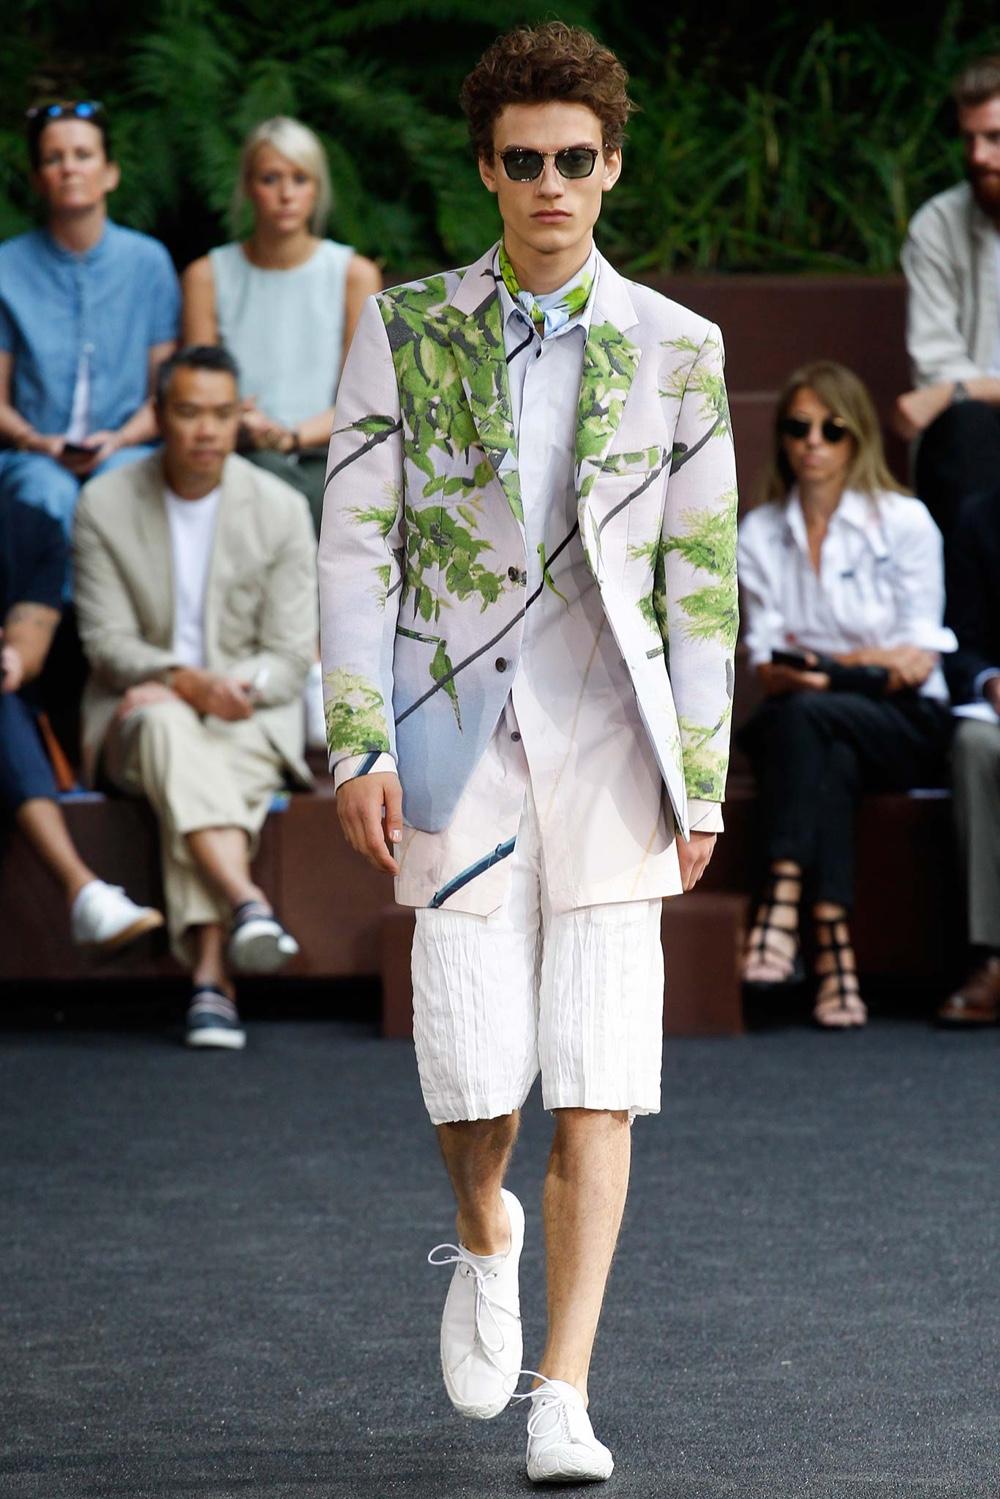 Issey Miyake Spring/Summer 2016 Menswear Collection   Paris Fashion Week